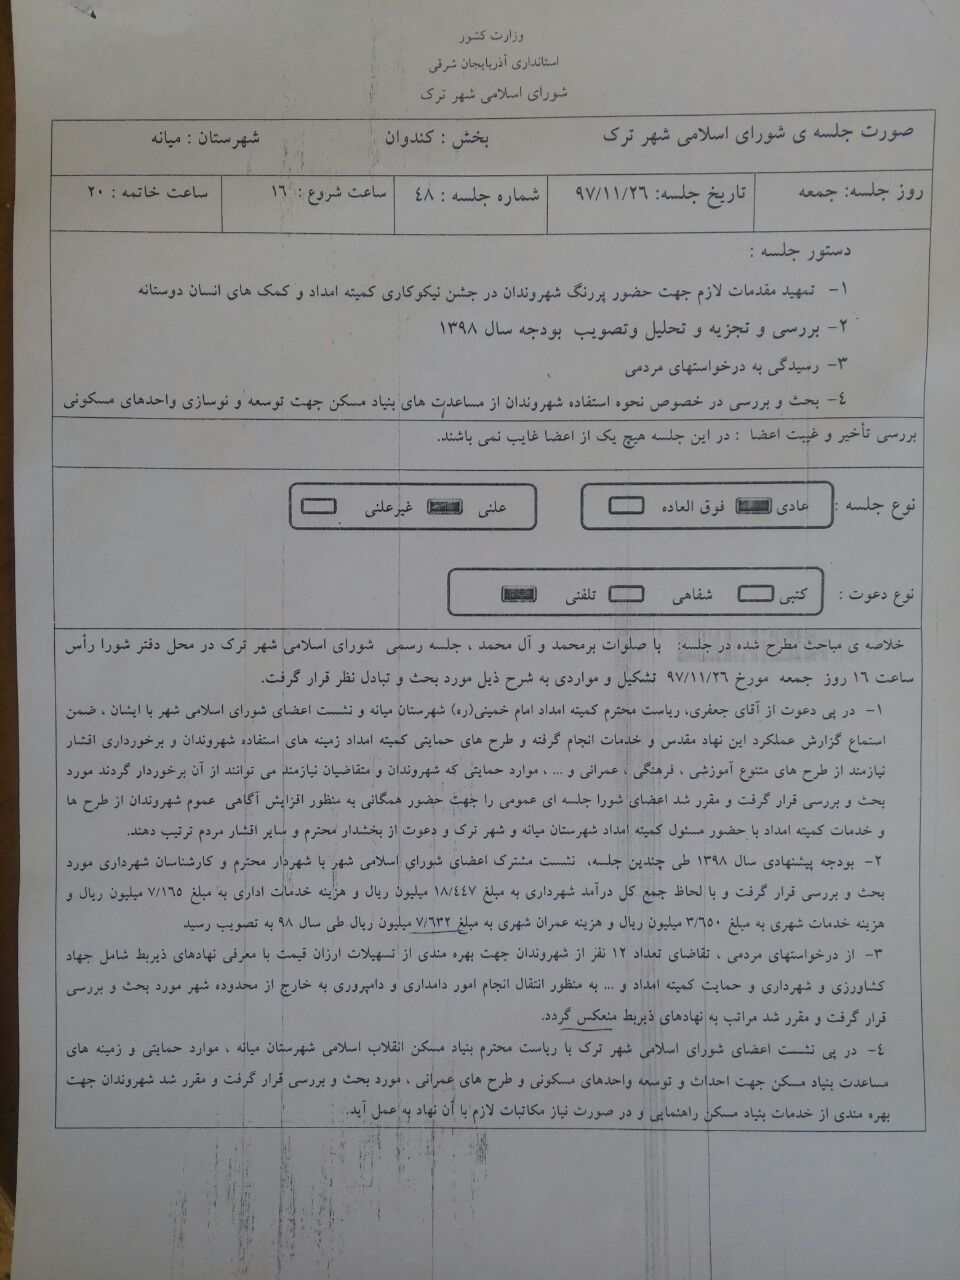 صورت جلسه مورخه 97/11/26 شورای اسلامی شهر ترک